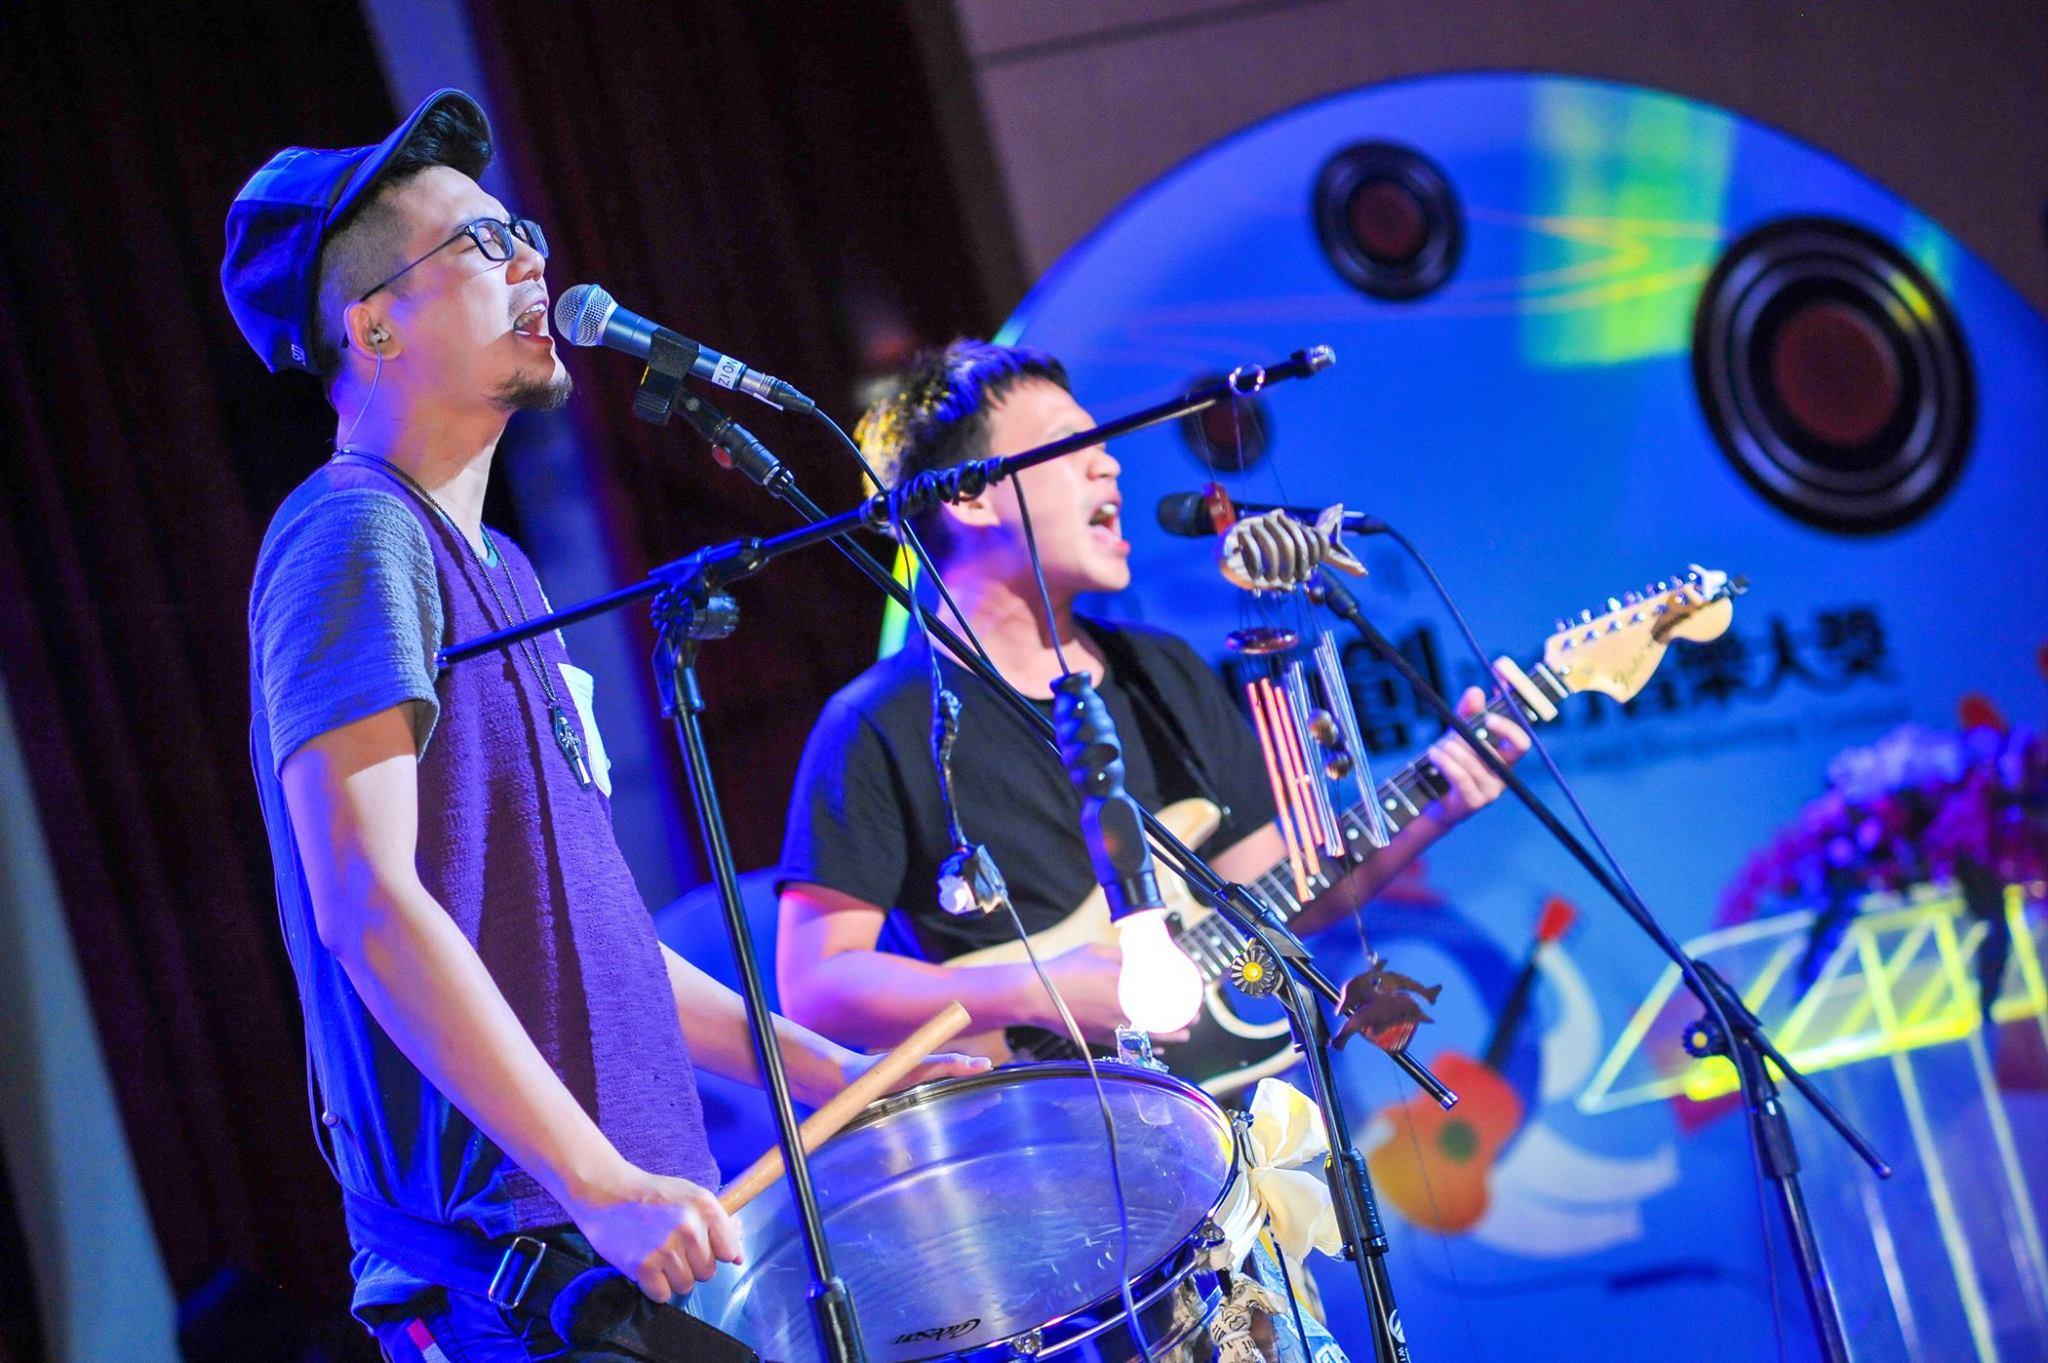 完成專輯後張三李四常和圈內前輩或音樂工作者分享創作,其中描寫台灣懷舊冰品的〈叭噗叭噗〉特別受董事長樂團吉董的小朋友青睞。